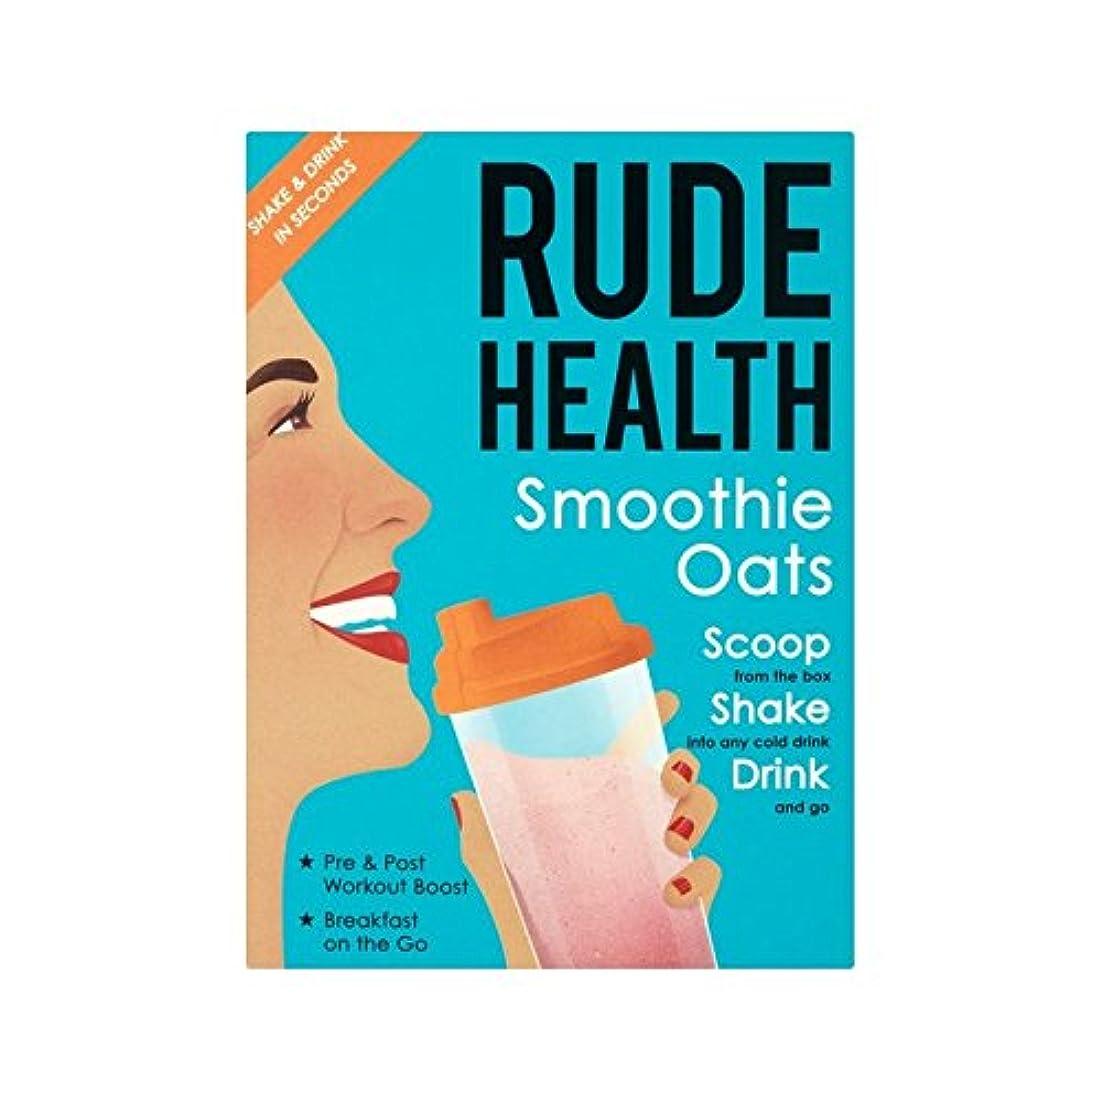 ベース適合しました全能スムージーオート麦250グラム (Rude Health) (x 6) - Rude Health Smoothie Oats 250g (Pack of 6) [並行輸入品]